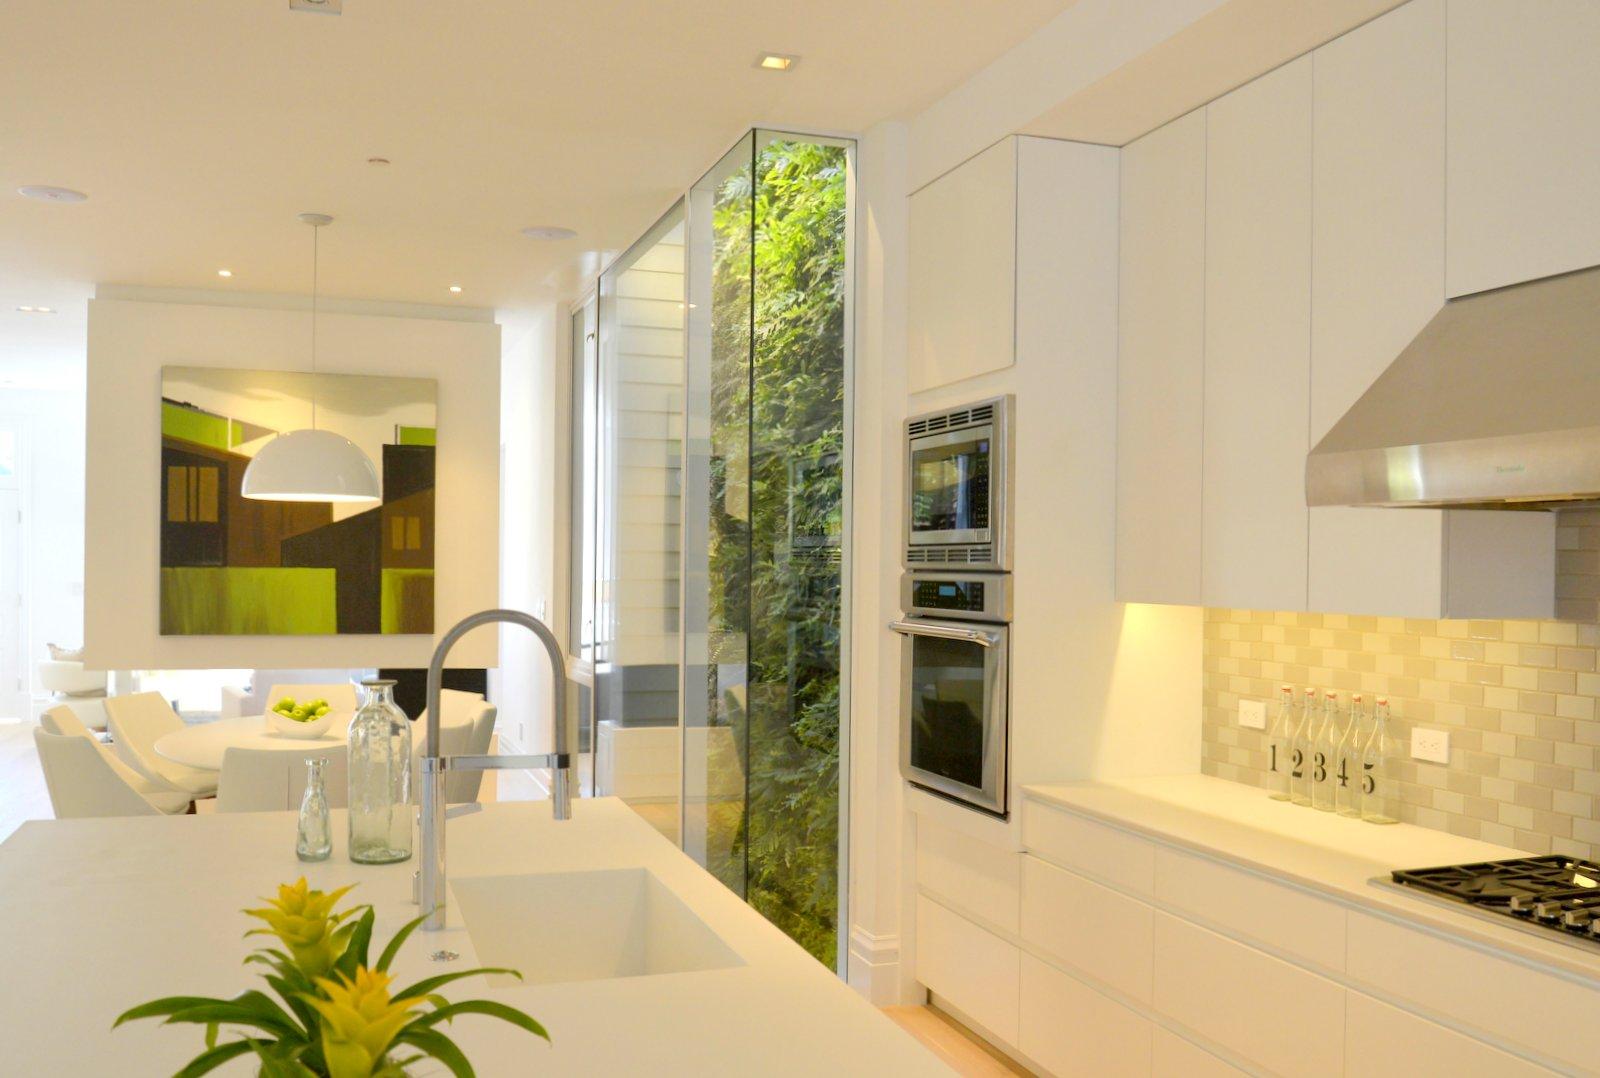 Florafelt-Vertical-Garden-Living-Wall-Belevedere-Street-03-_CJB3476.JPG